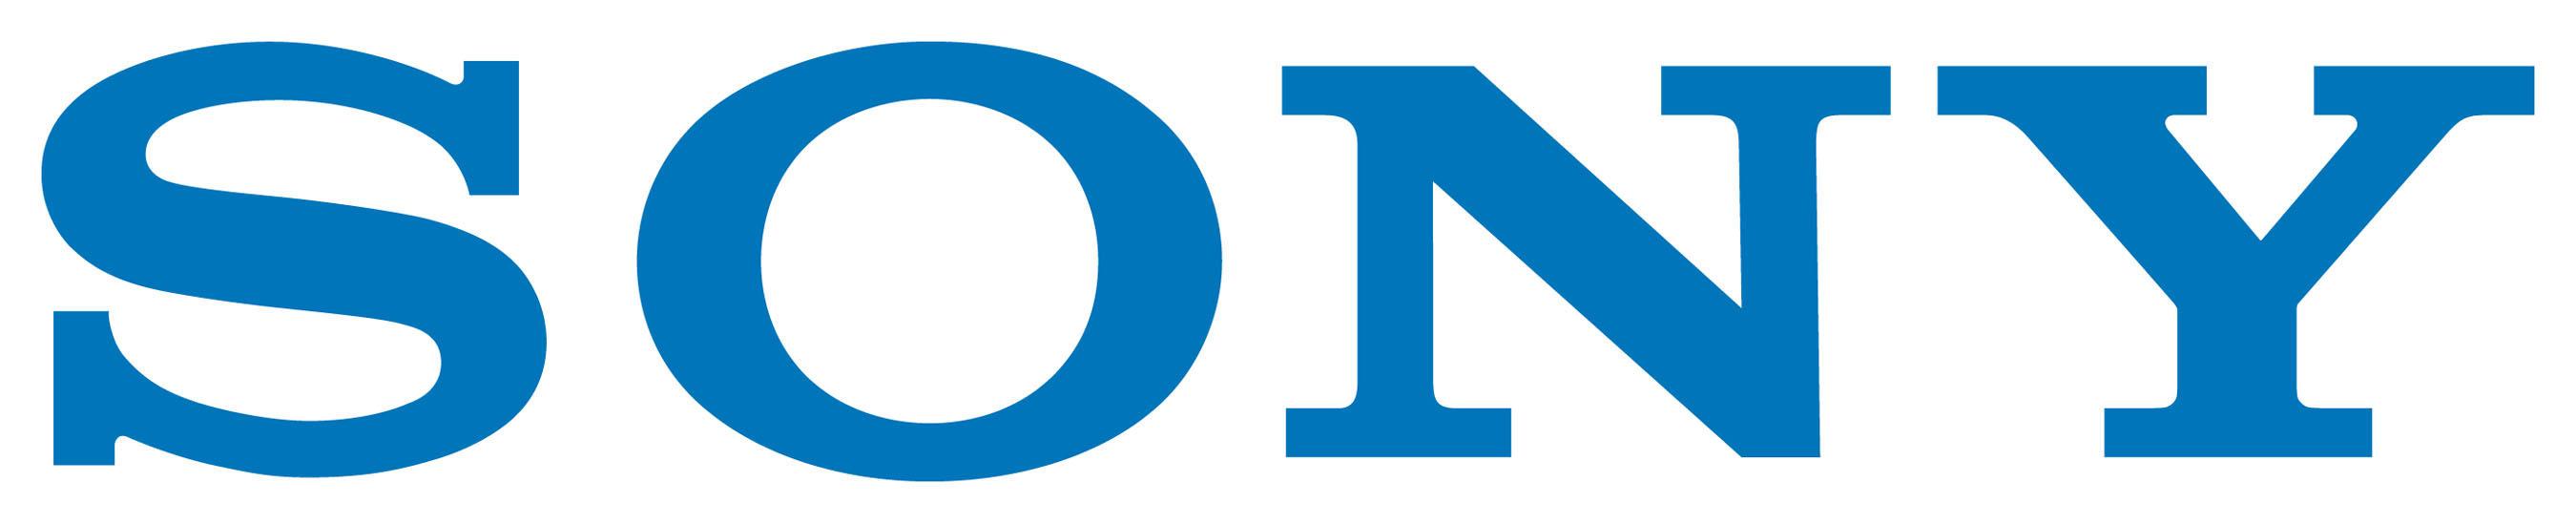 Sony Blue Logo Wallpaper